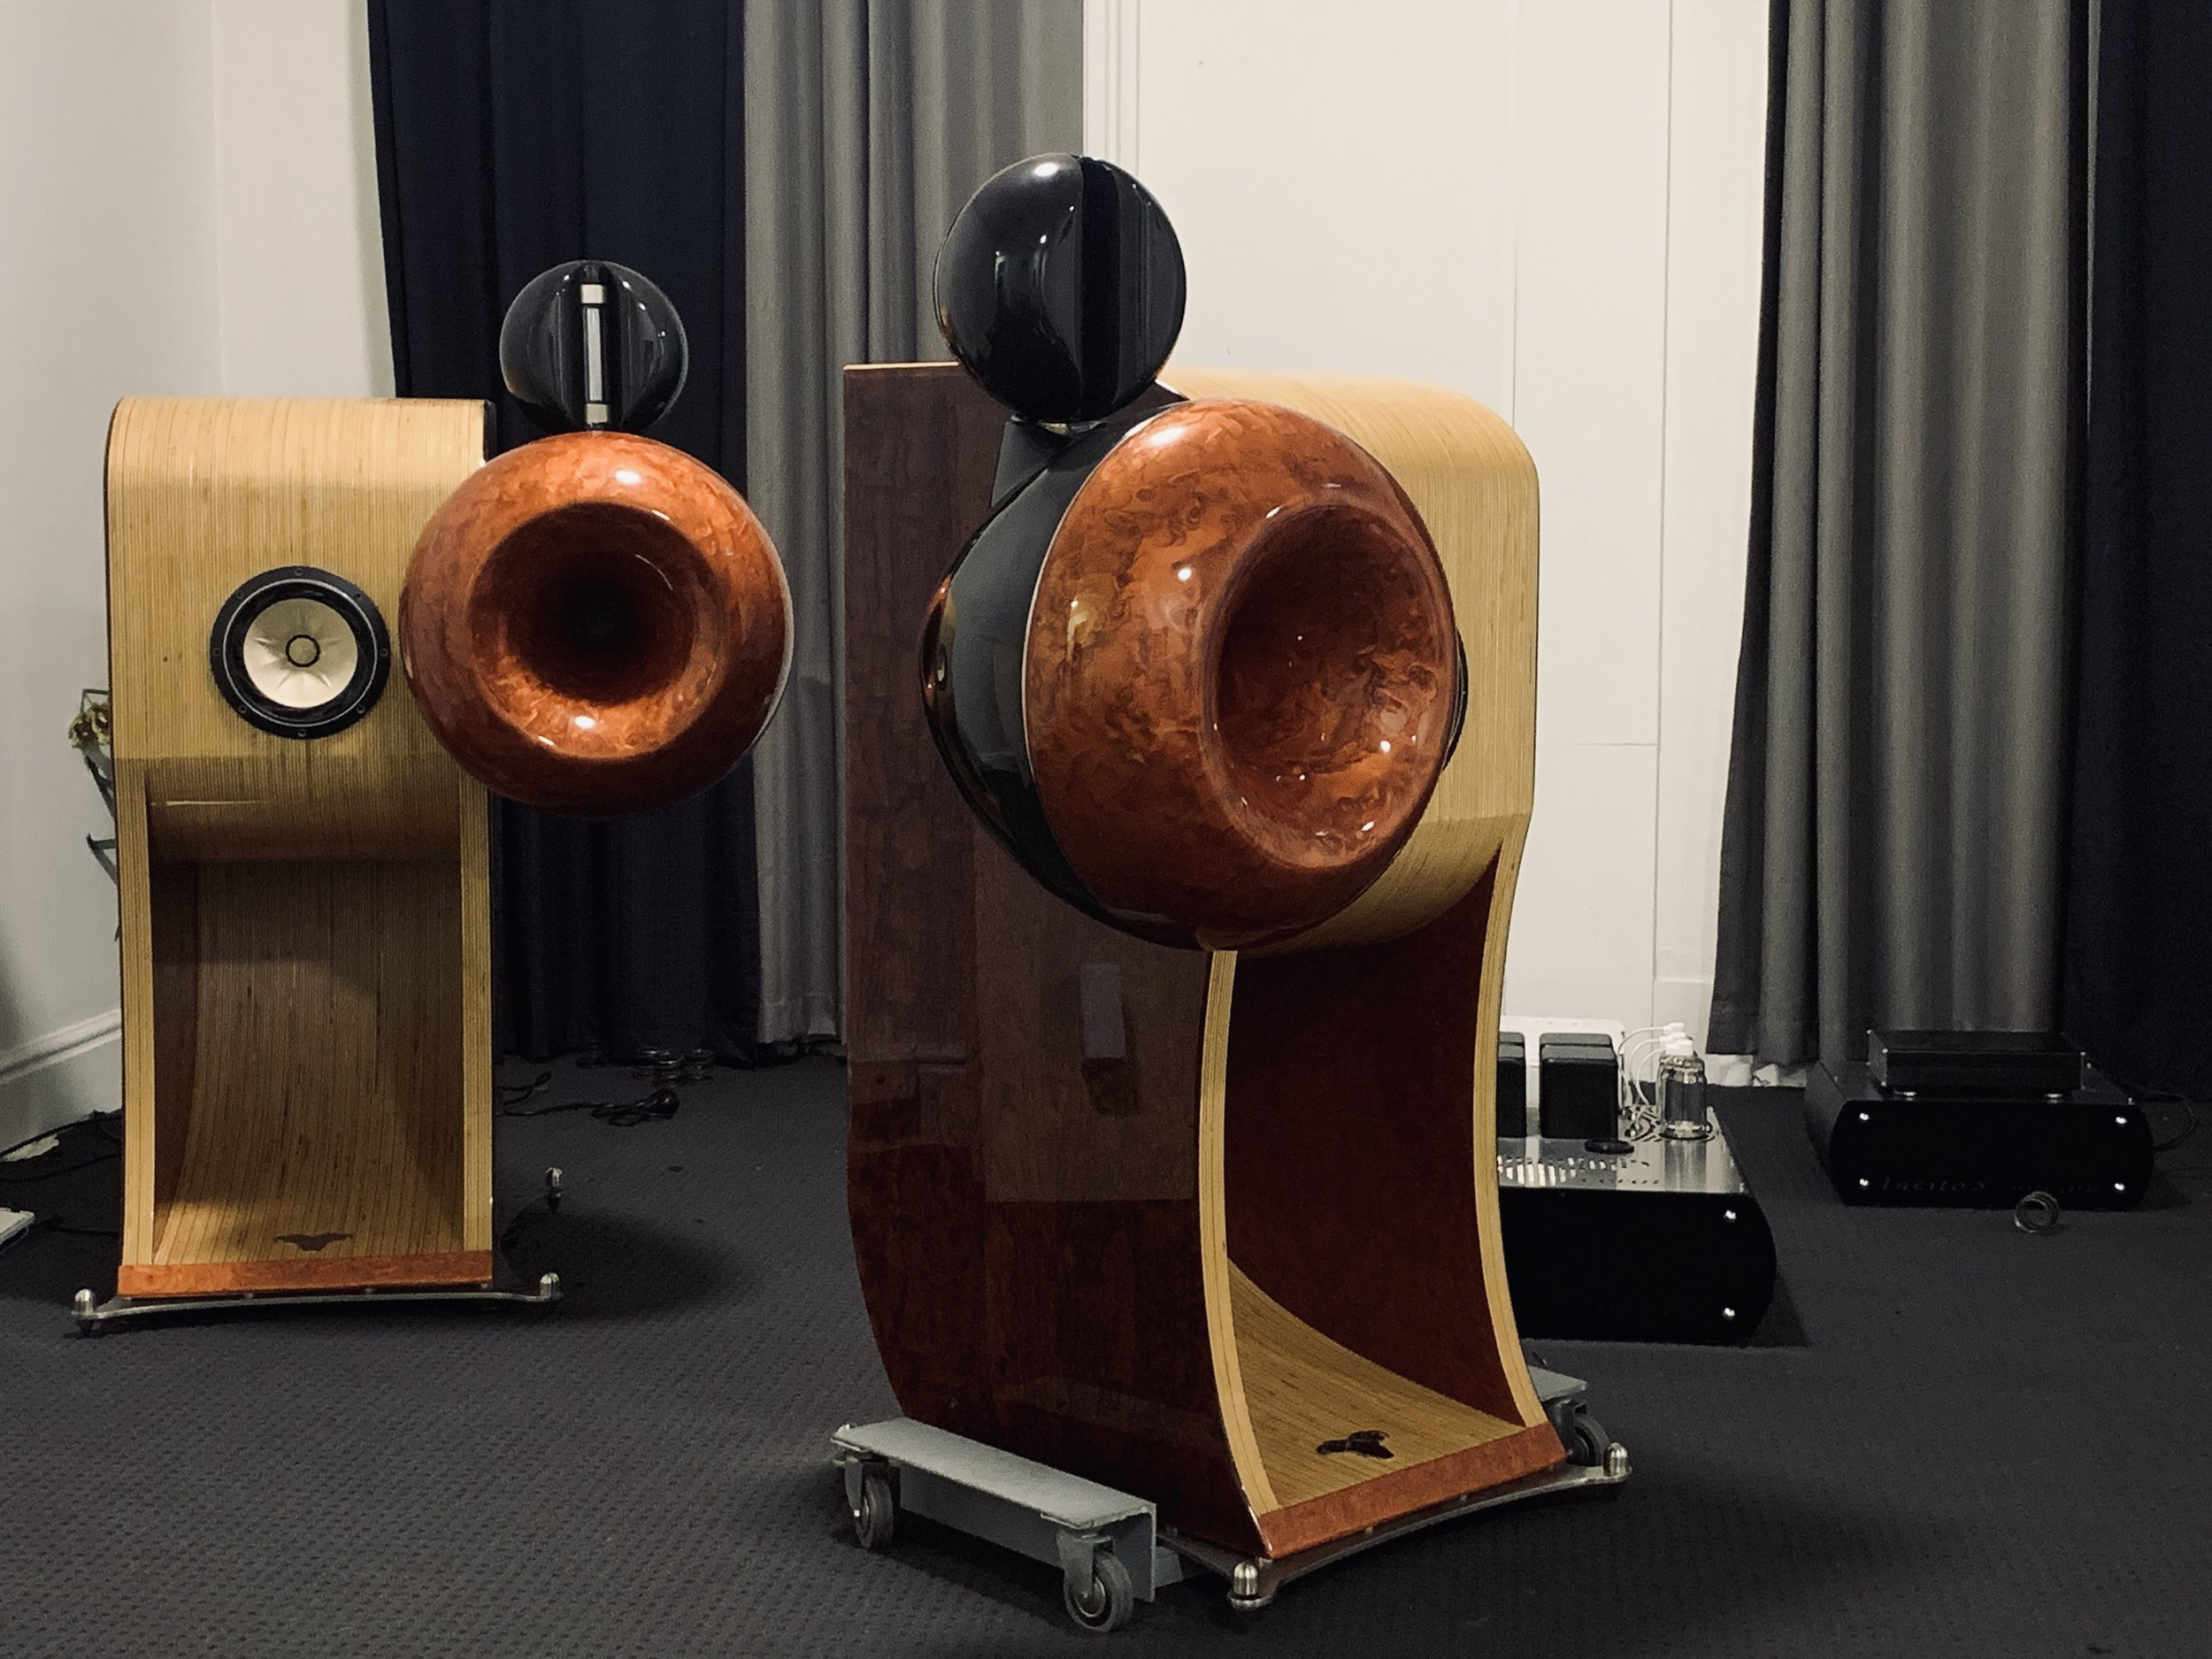 Aries Cerat - Symphonia Aeries - featuring Liquid Copper and Carbon